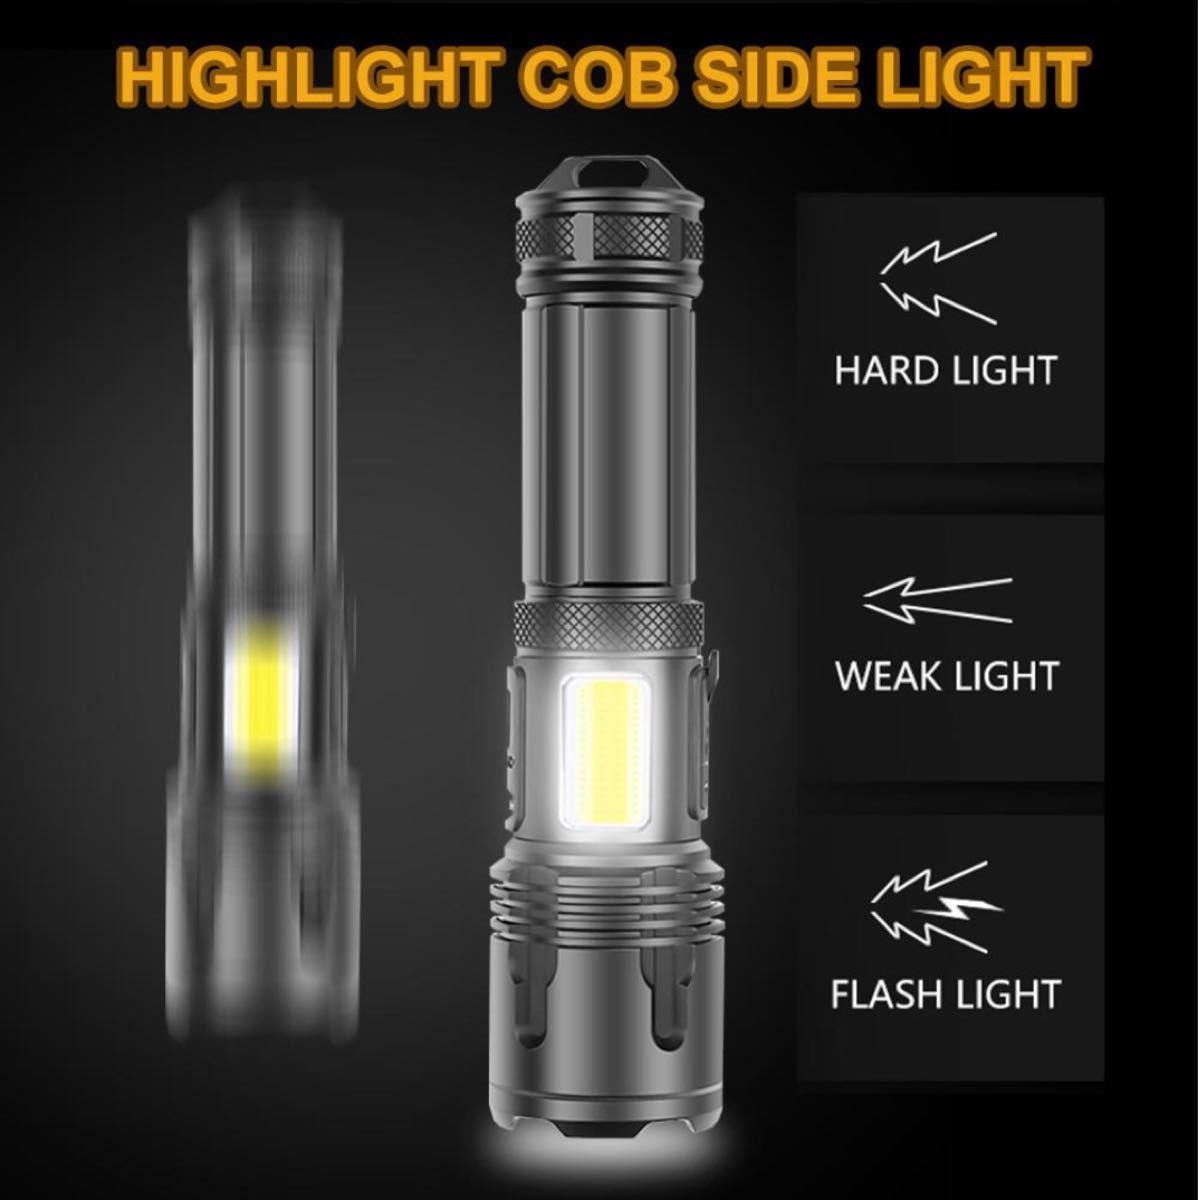 最新LED XHP99+COB!超高輝度タクティカルハンディライト・ランタン 懐中電灯3※18650バッテリー+充電器付!充電式